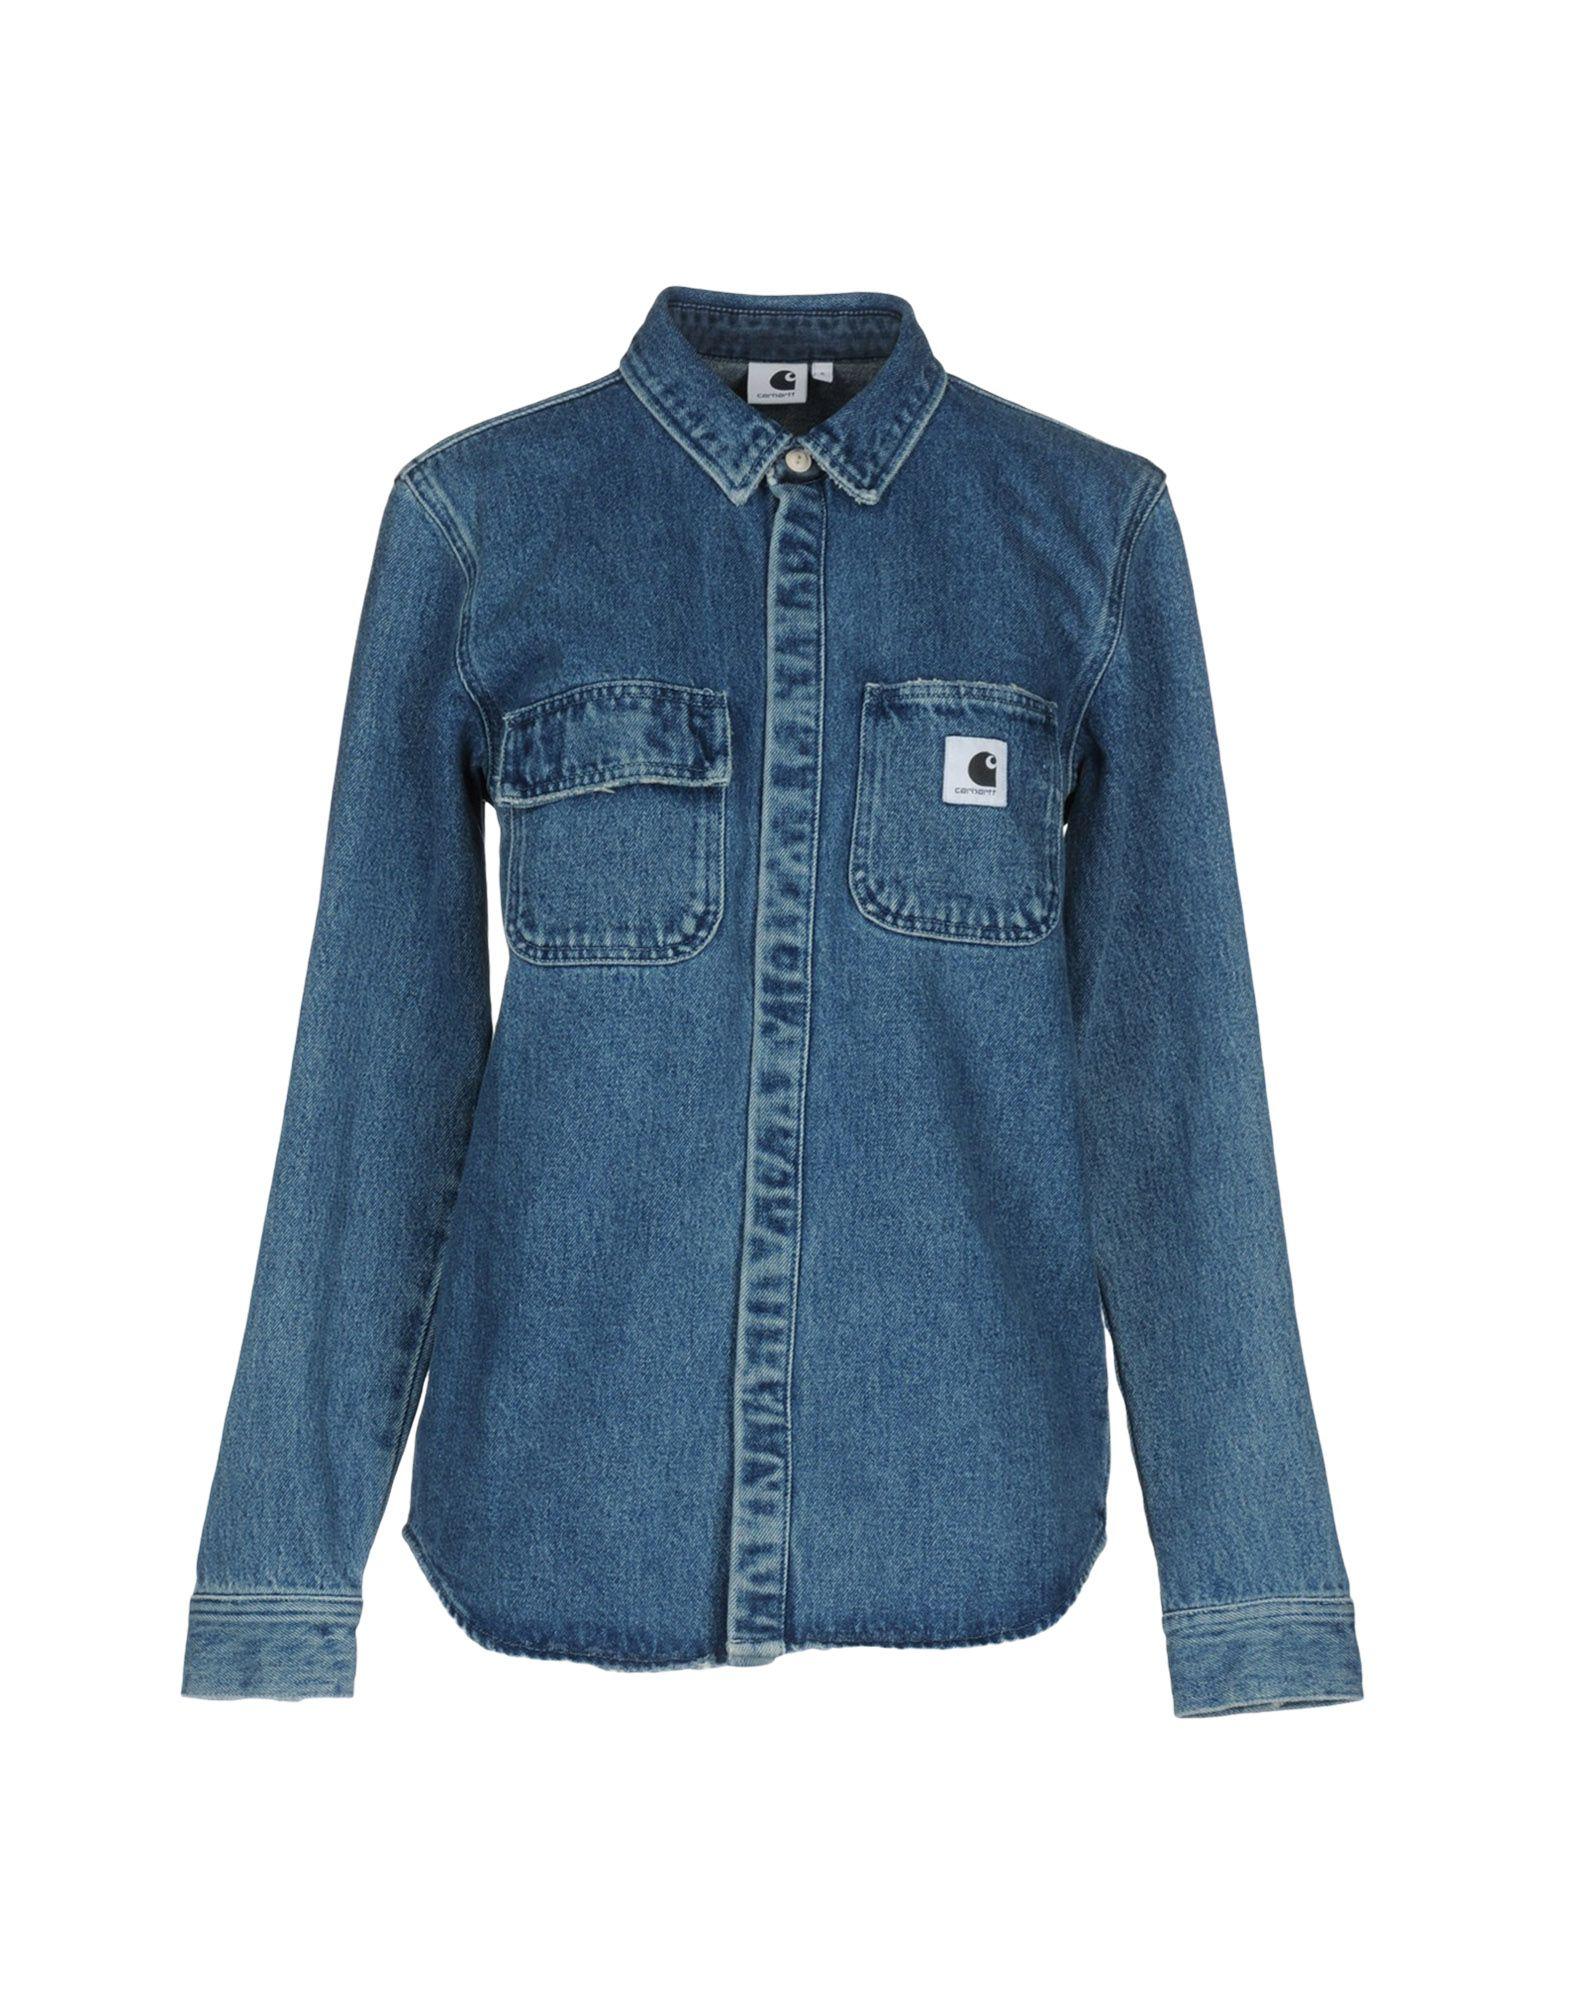 все цены на CARHARTT Джинсовая рубашка онлайн